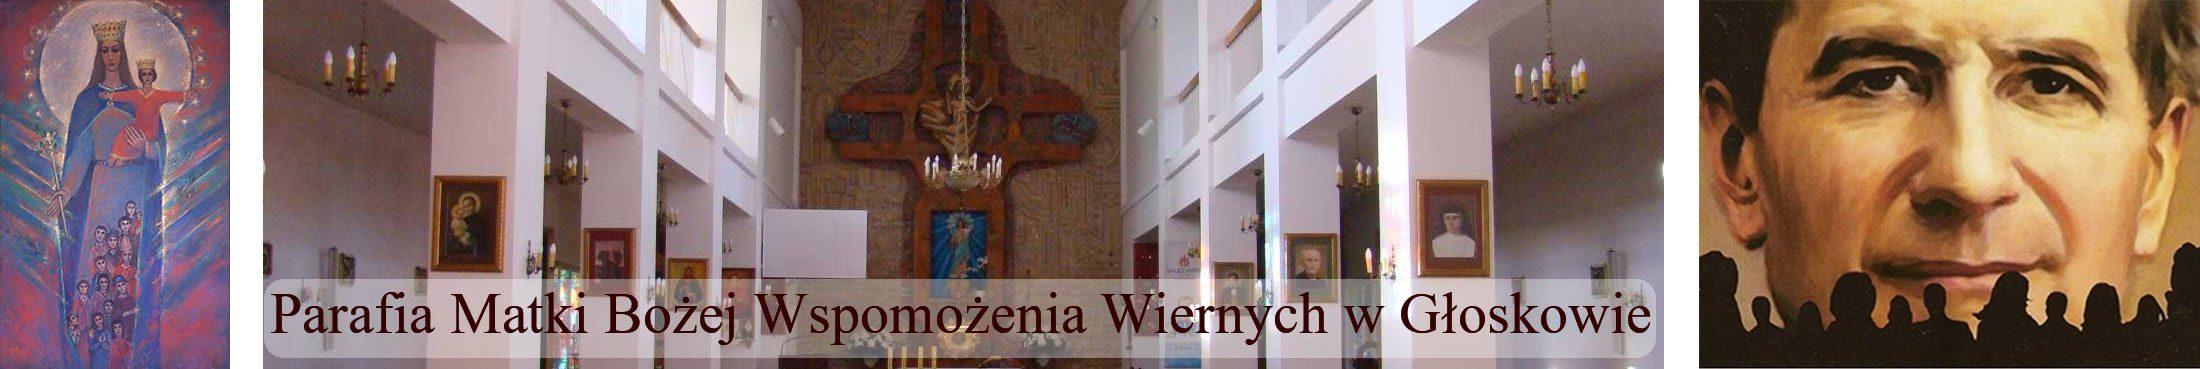 Parafia Matki Bożej Wspomożenia Wiernych w Głoskowie